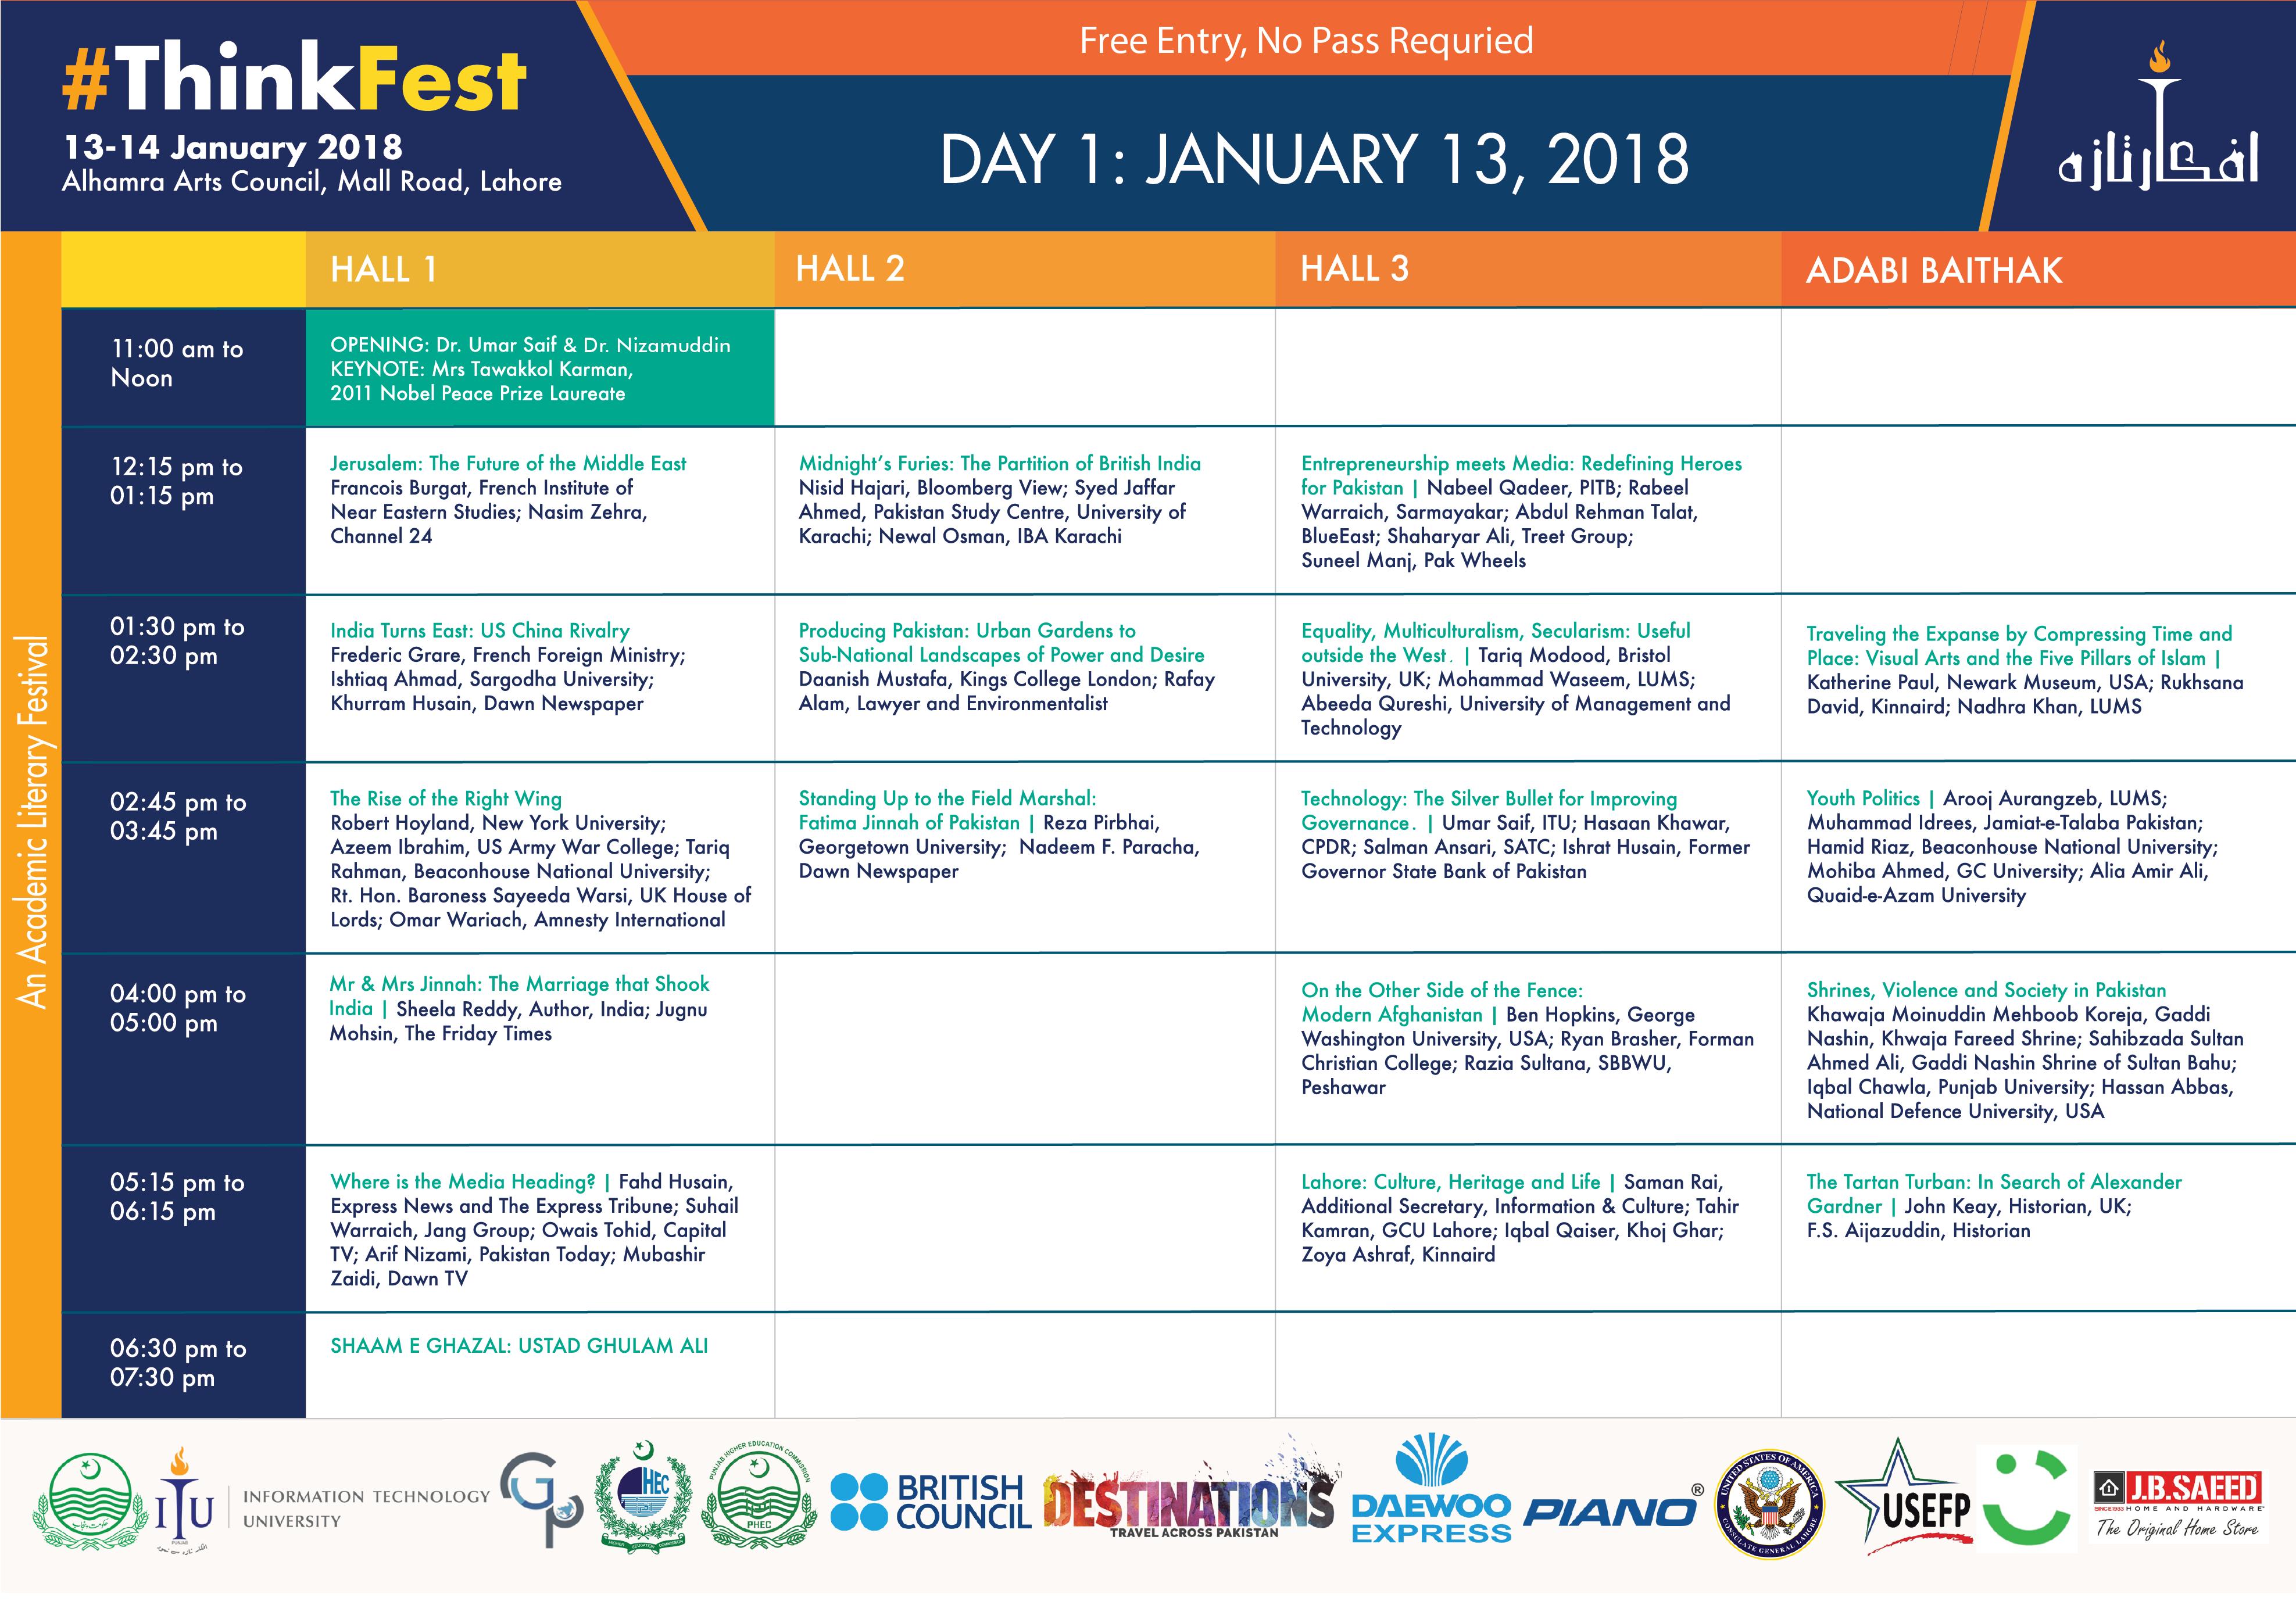 thinkfest day 1 schedule